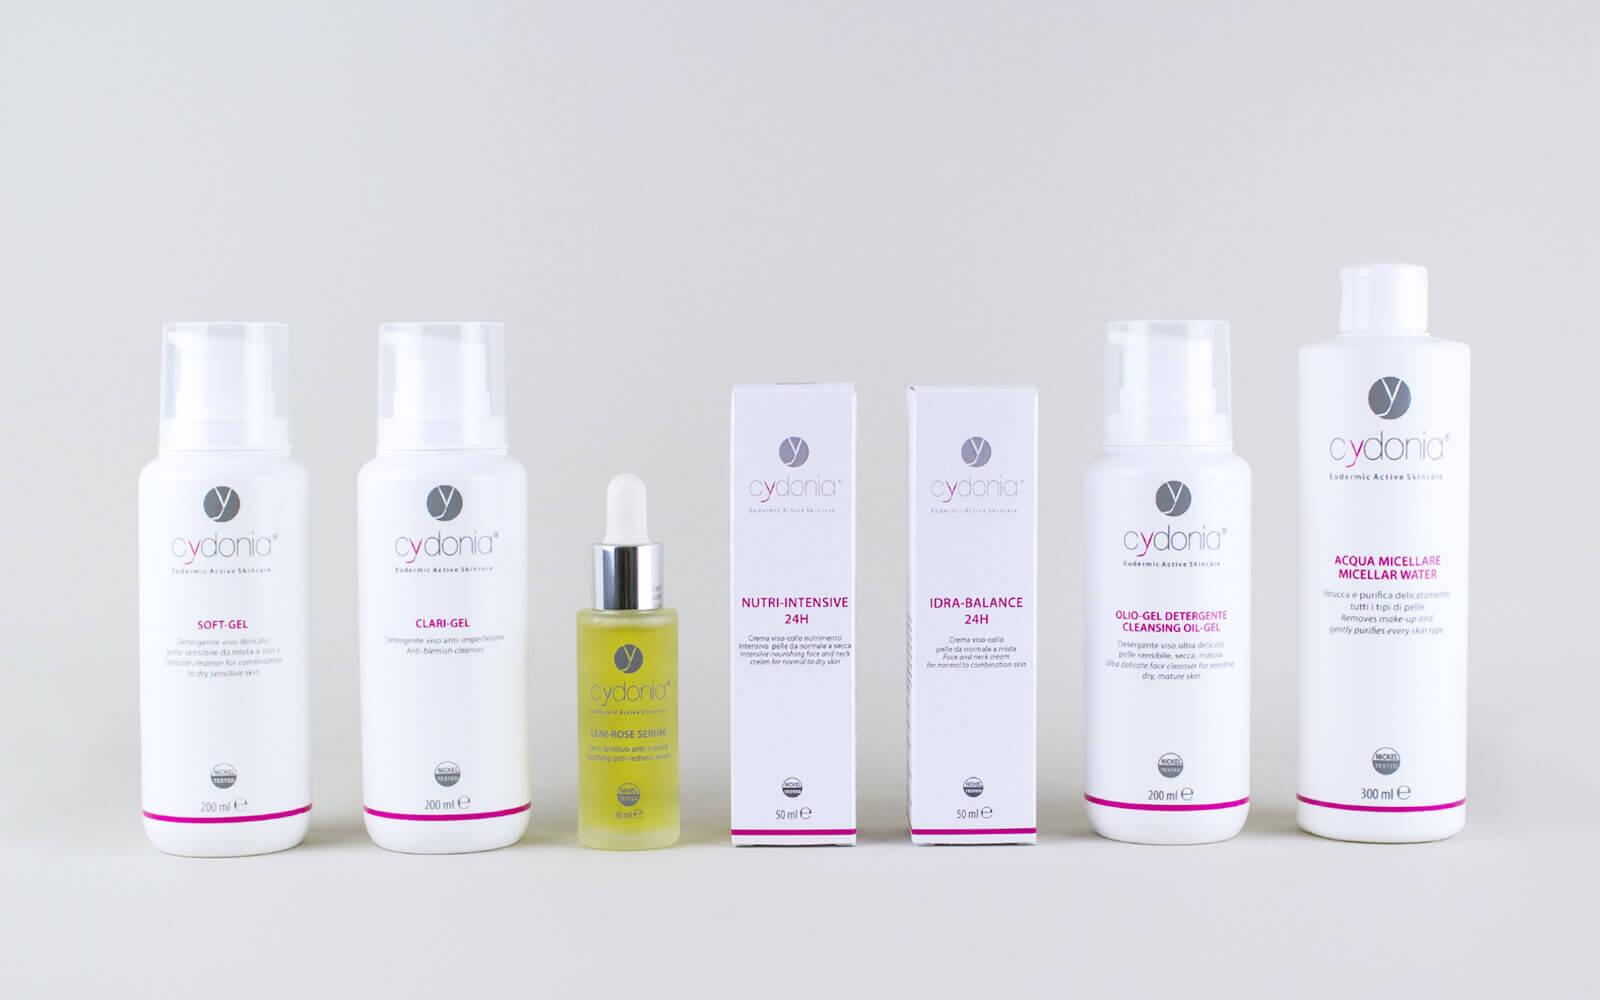 Prodotti della linea dia-derma viso, per la cura e la bellezza della tua pelle